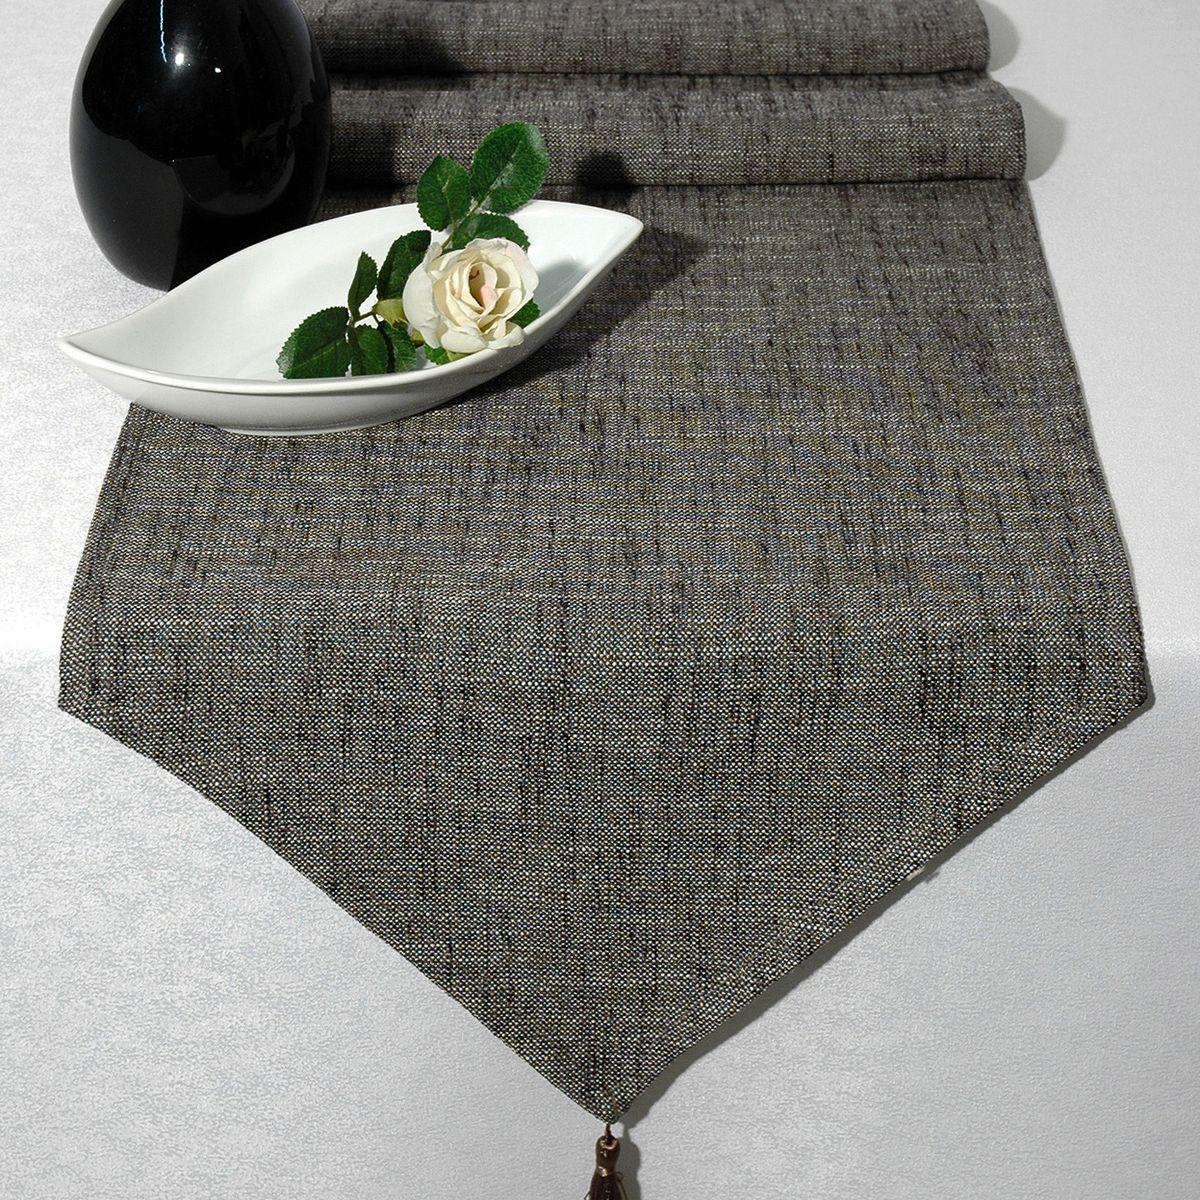 Дорожка для декорирования стола Schaefer, 40 x 160 см, цвет: серый. 06750-25406750-254Дорожка для декорирования стола Schaefer может быть использована, как основной элемент, так и дополнение для создания уюта и романтического настроения вечер.Дорожка выполнена из полиэстера и акрила. Изделие легко стирать: не мнется, не садится и быстро сохнет, более долговечно, чем изделие из натуральных волокон.Материал: полиэстер, акрил Размер: 40 x 160 см.